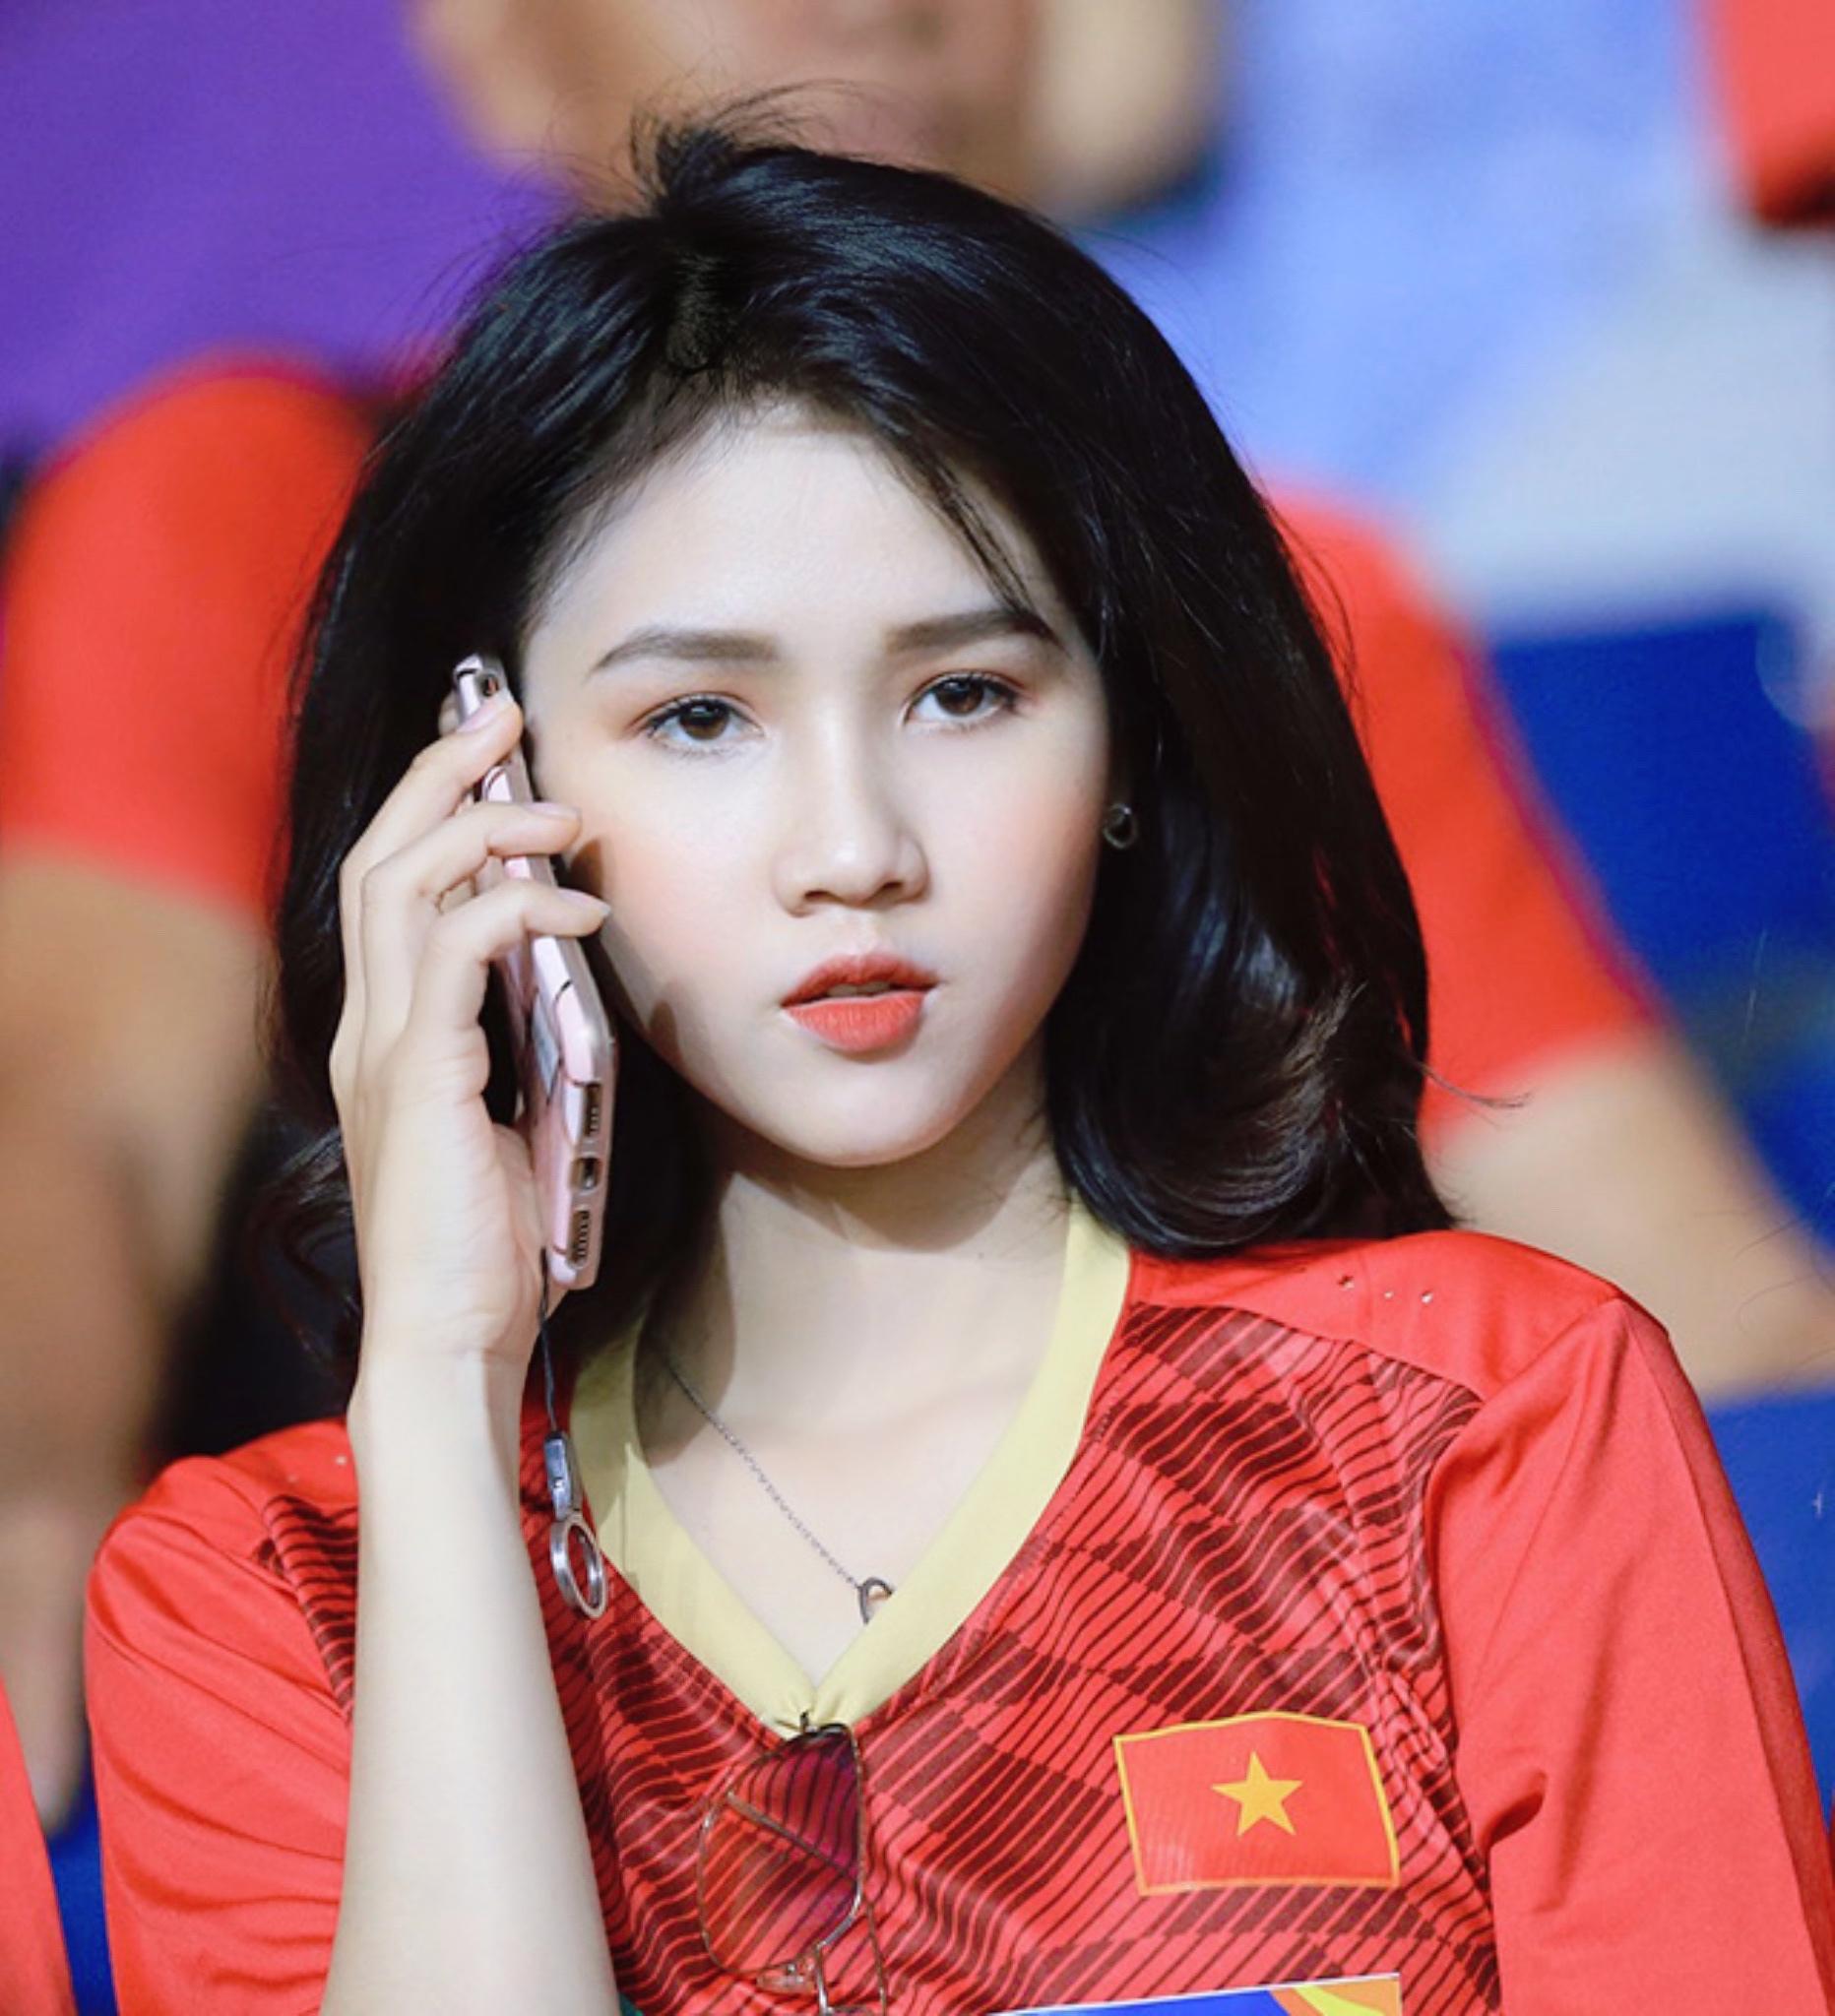 Cựu nữ sinh đẹp vạn người mê tựa Ngọc Trinh đoán tỉ số Việt Nam vs UAE, tin Việt Nam chiến thắng - Ảnh 2.